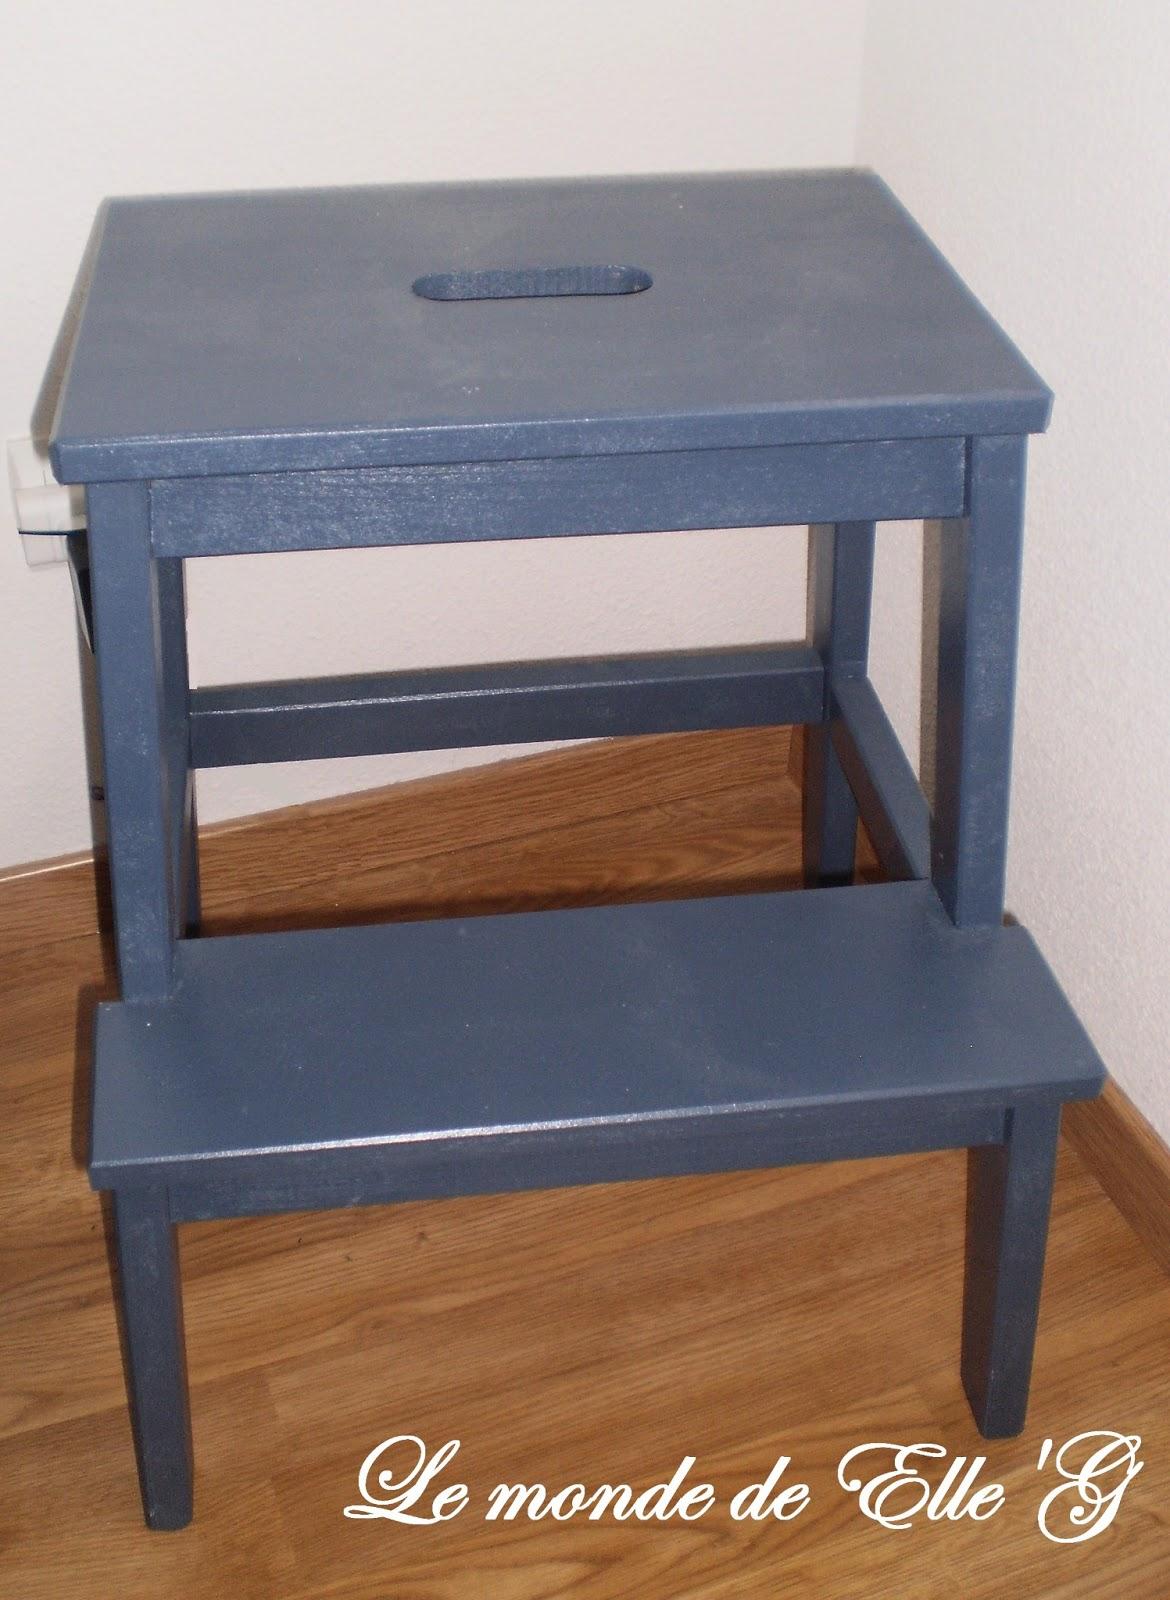 Un marchepied comme table de nuit le monde de elle 39 g - Fabriquer une table de nuit ...